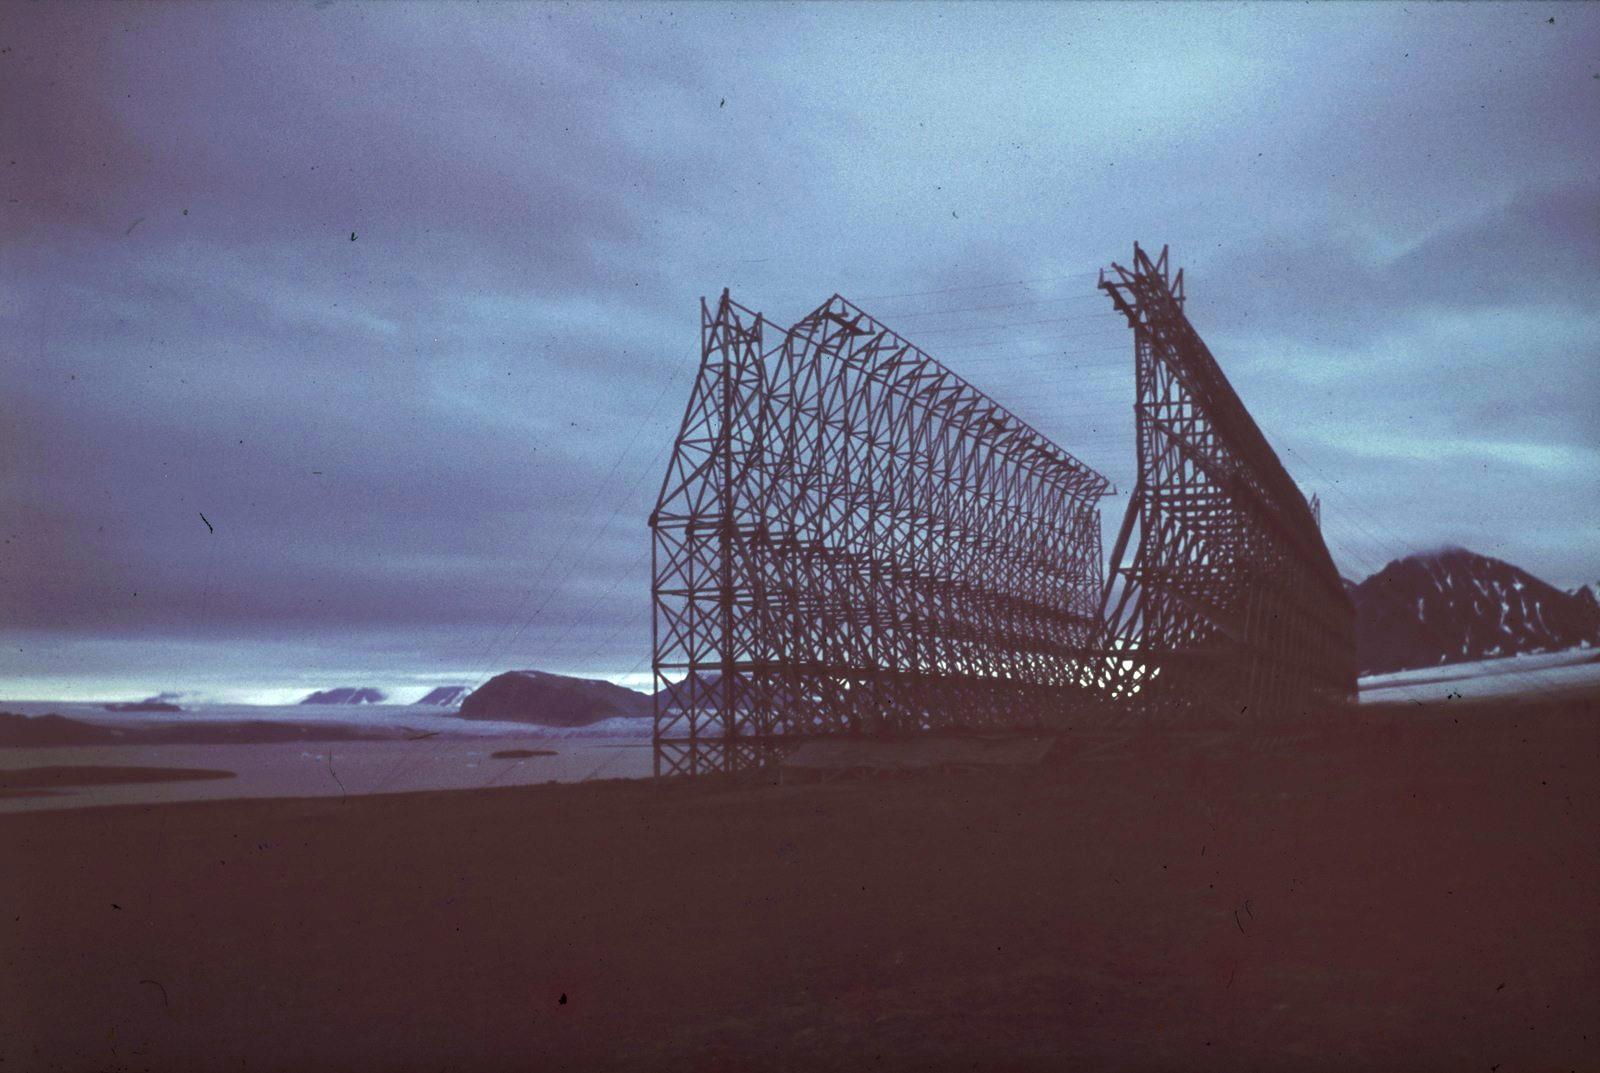 Шпицберген. Открытый ангар дирижаблей для цеппелина первой экспедиции на Северный полюс в 1926 году под руководством Нобиля и Амундсена